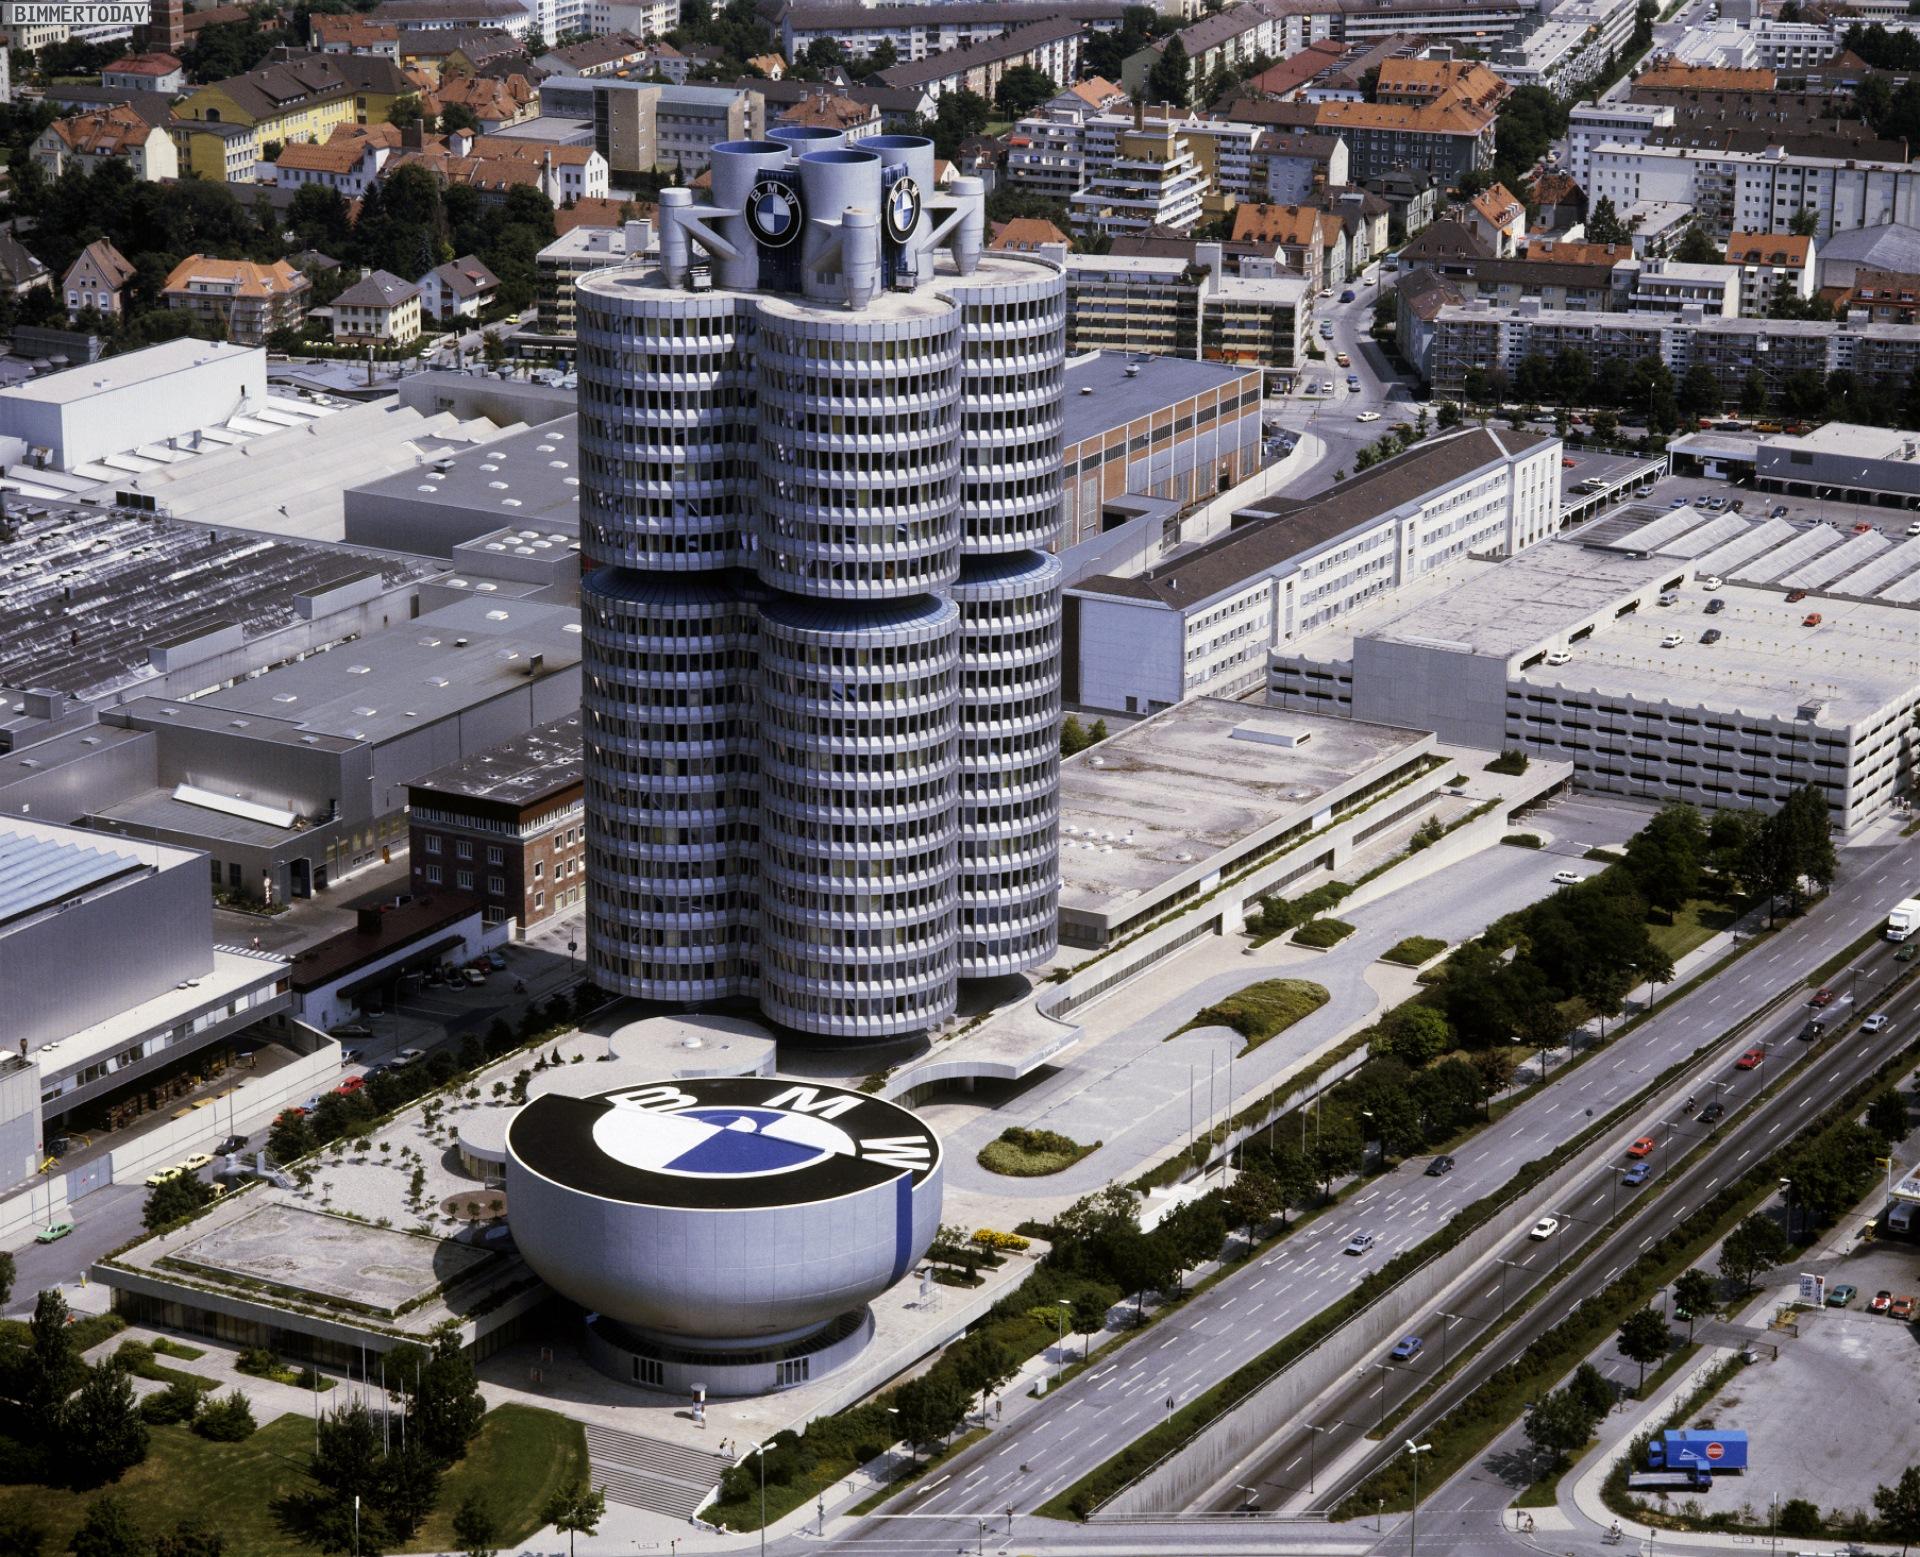 Demontage aller Aufzüge im BMW 4-Zylinder (Hochhaus)